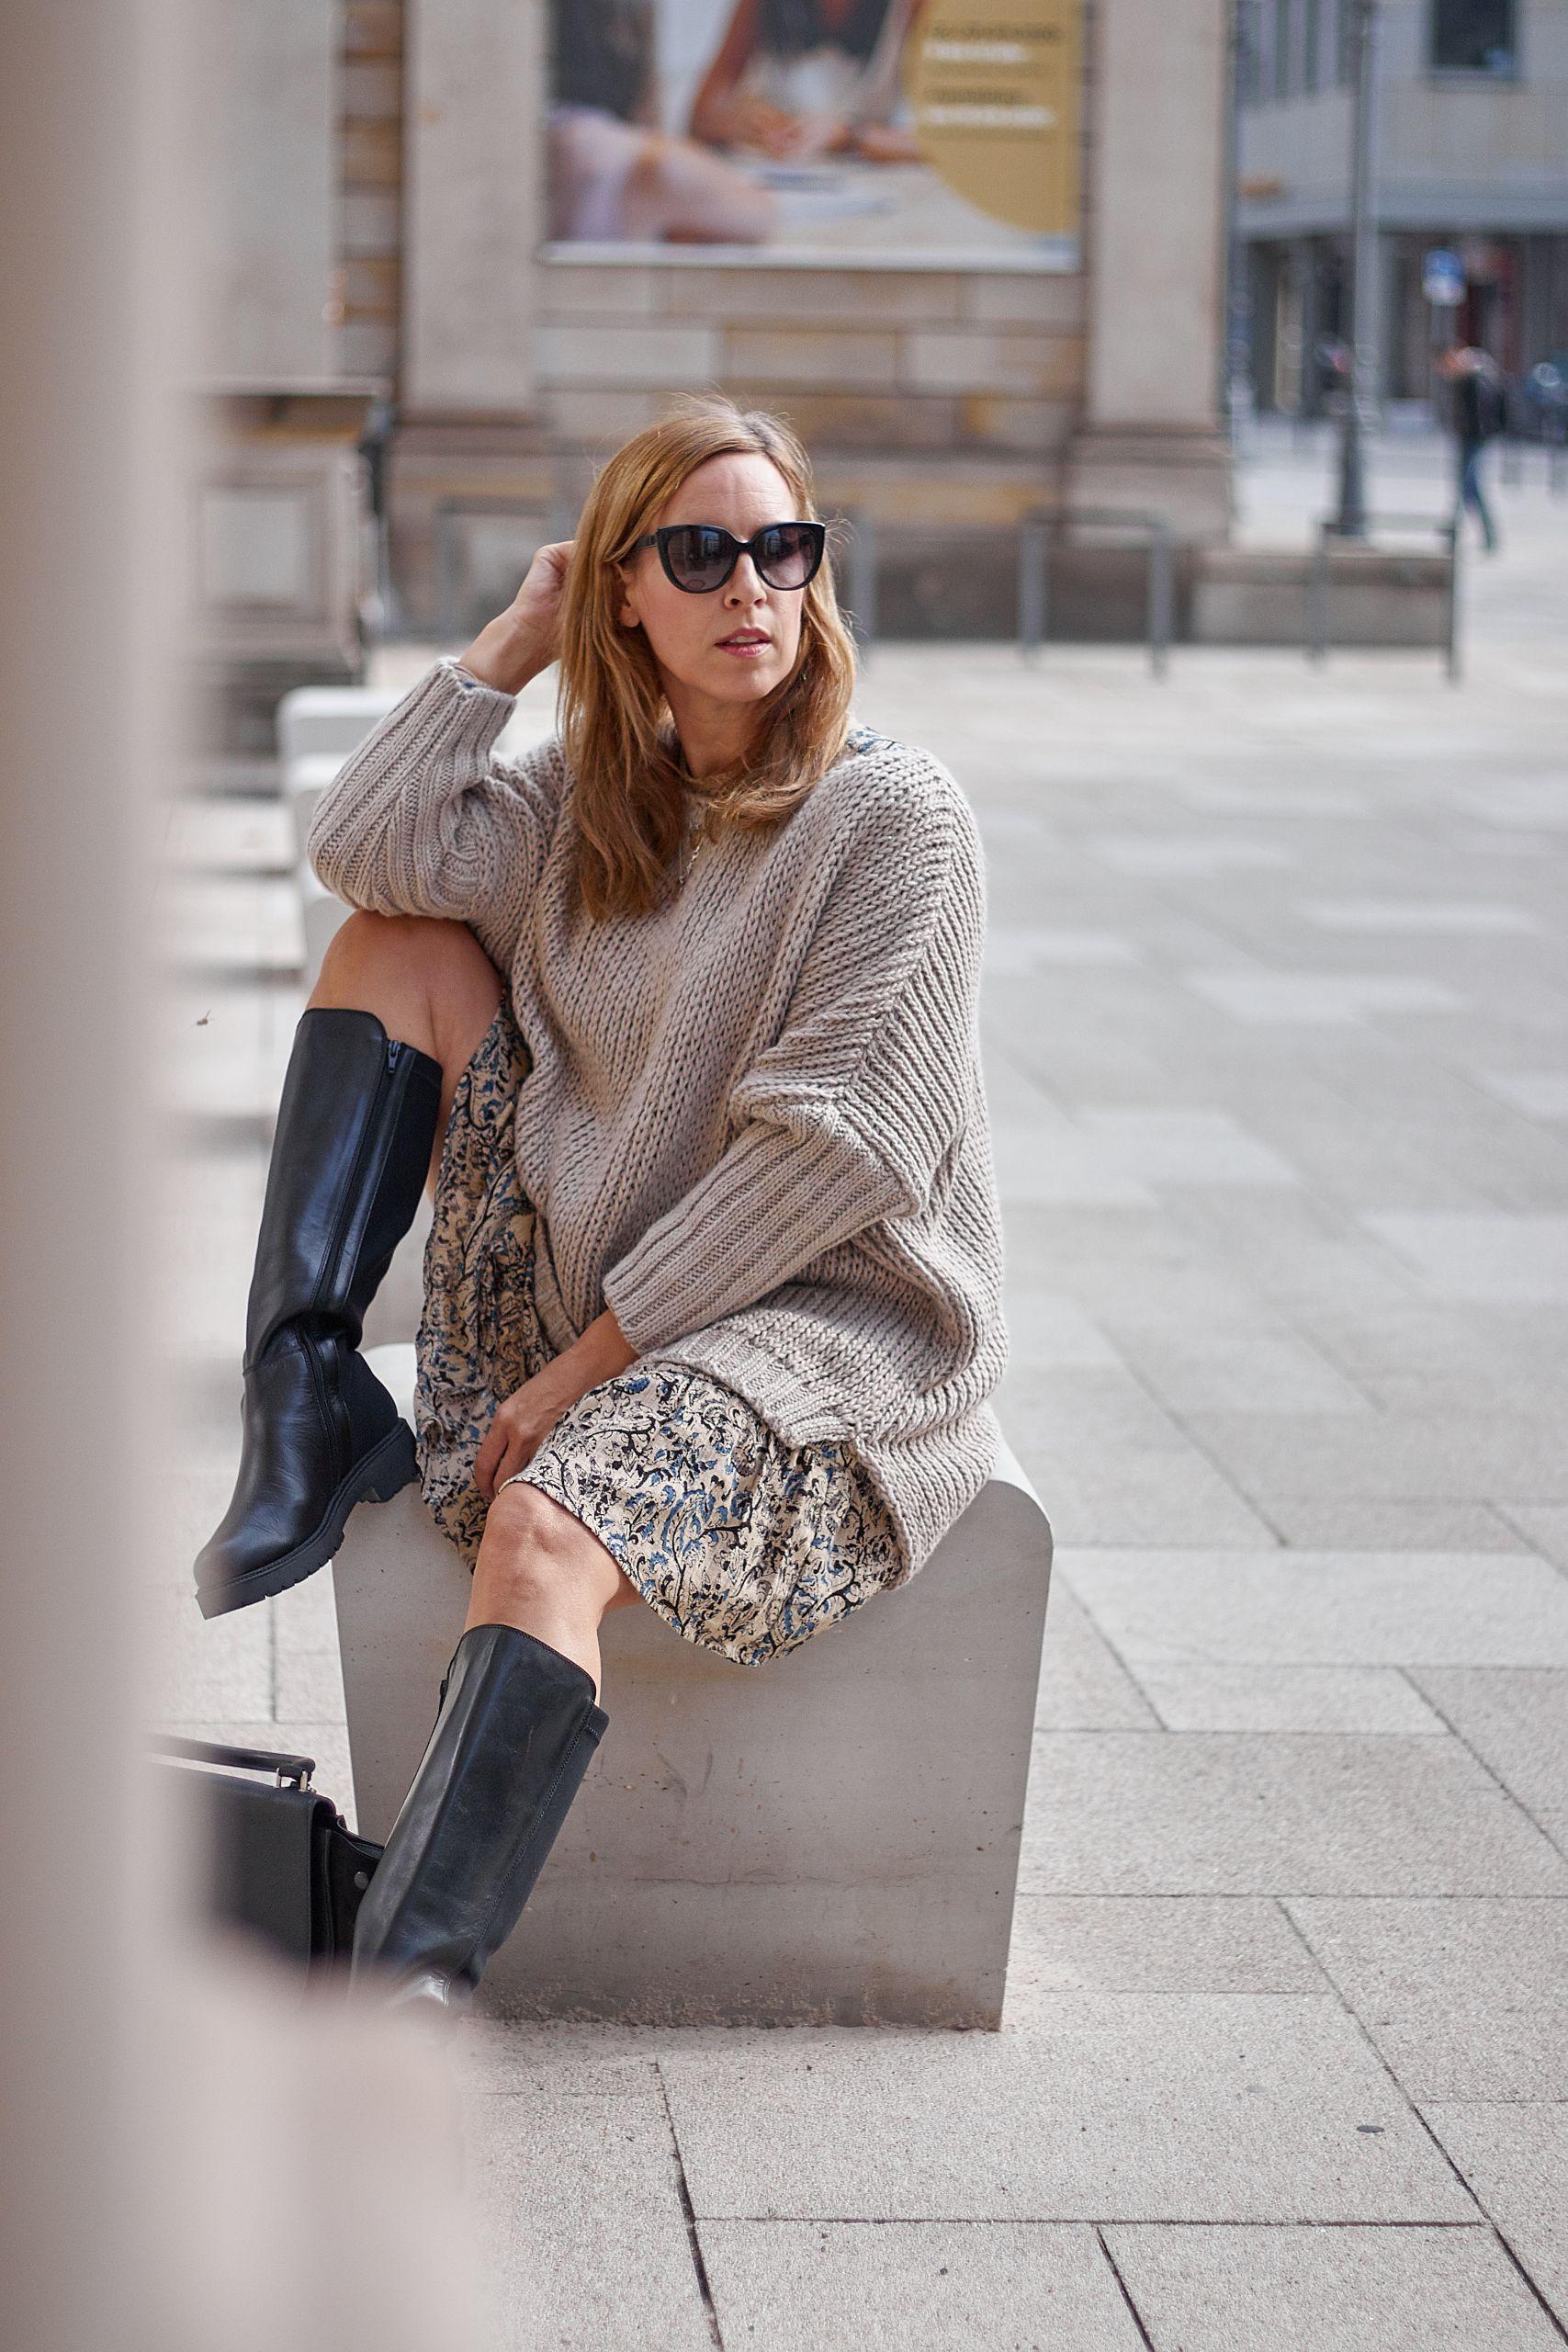 LaShoe Stiefel zum Grobstrick Pullover